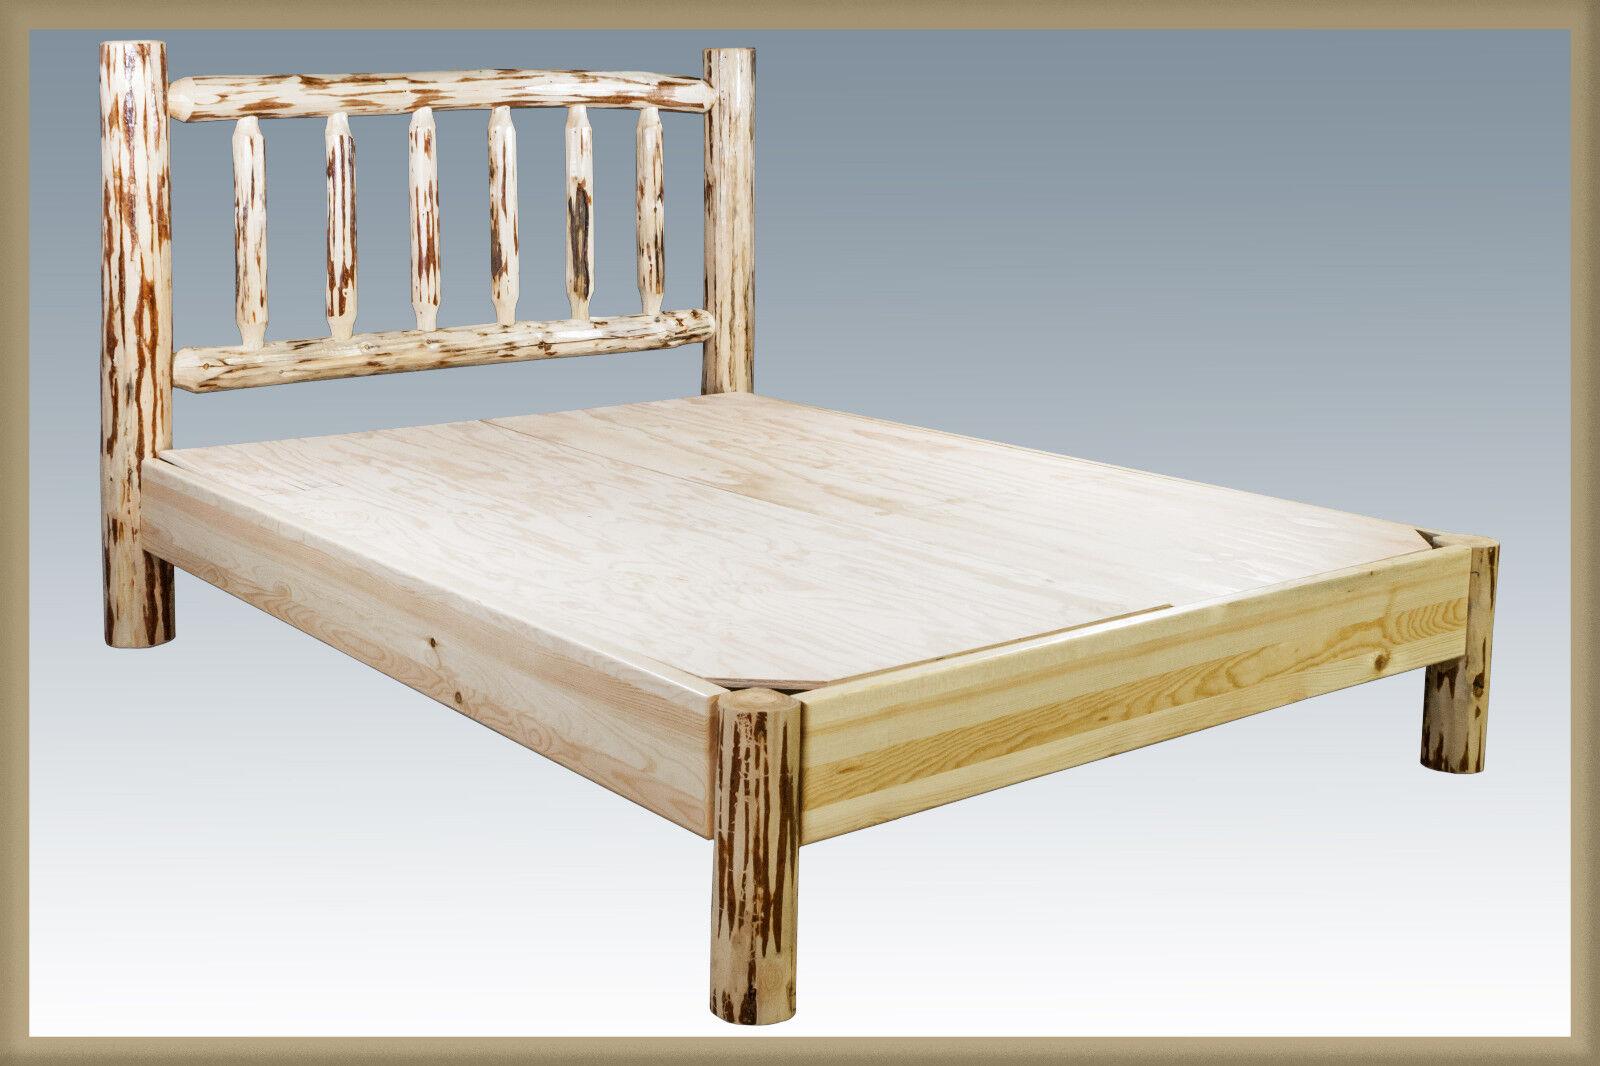 Rustic LOG Platform Bed Frame CA KING Amish Beds Unfinished